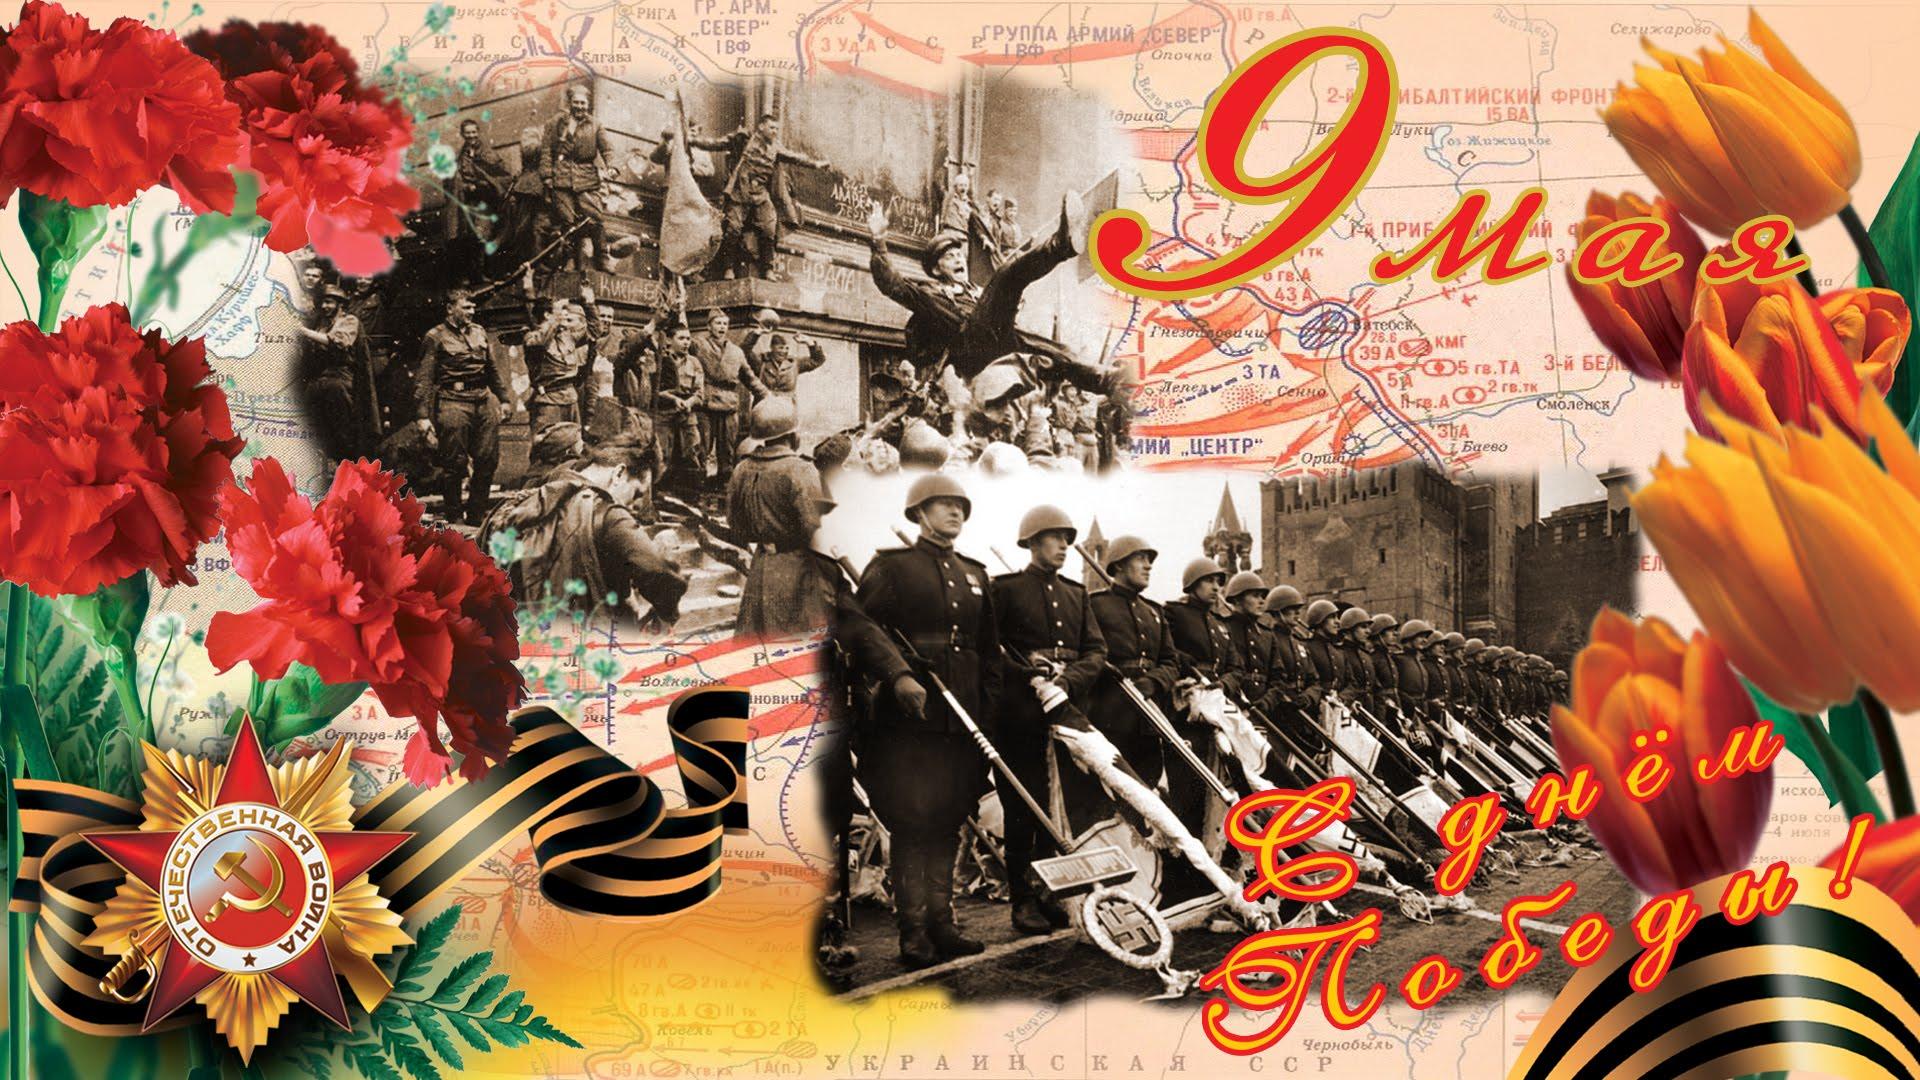 фон для открытки с днем победы 9 мая подругу днем рождения